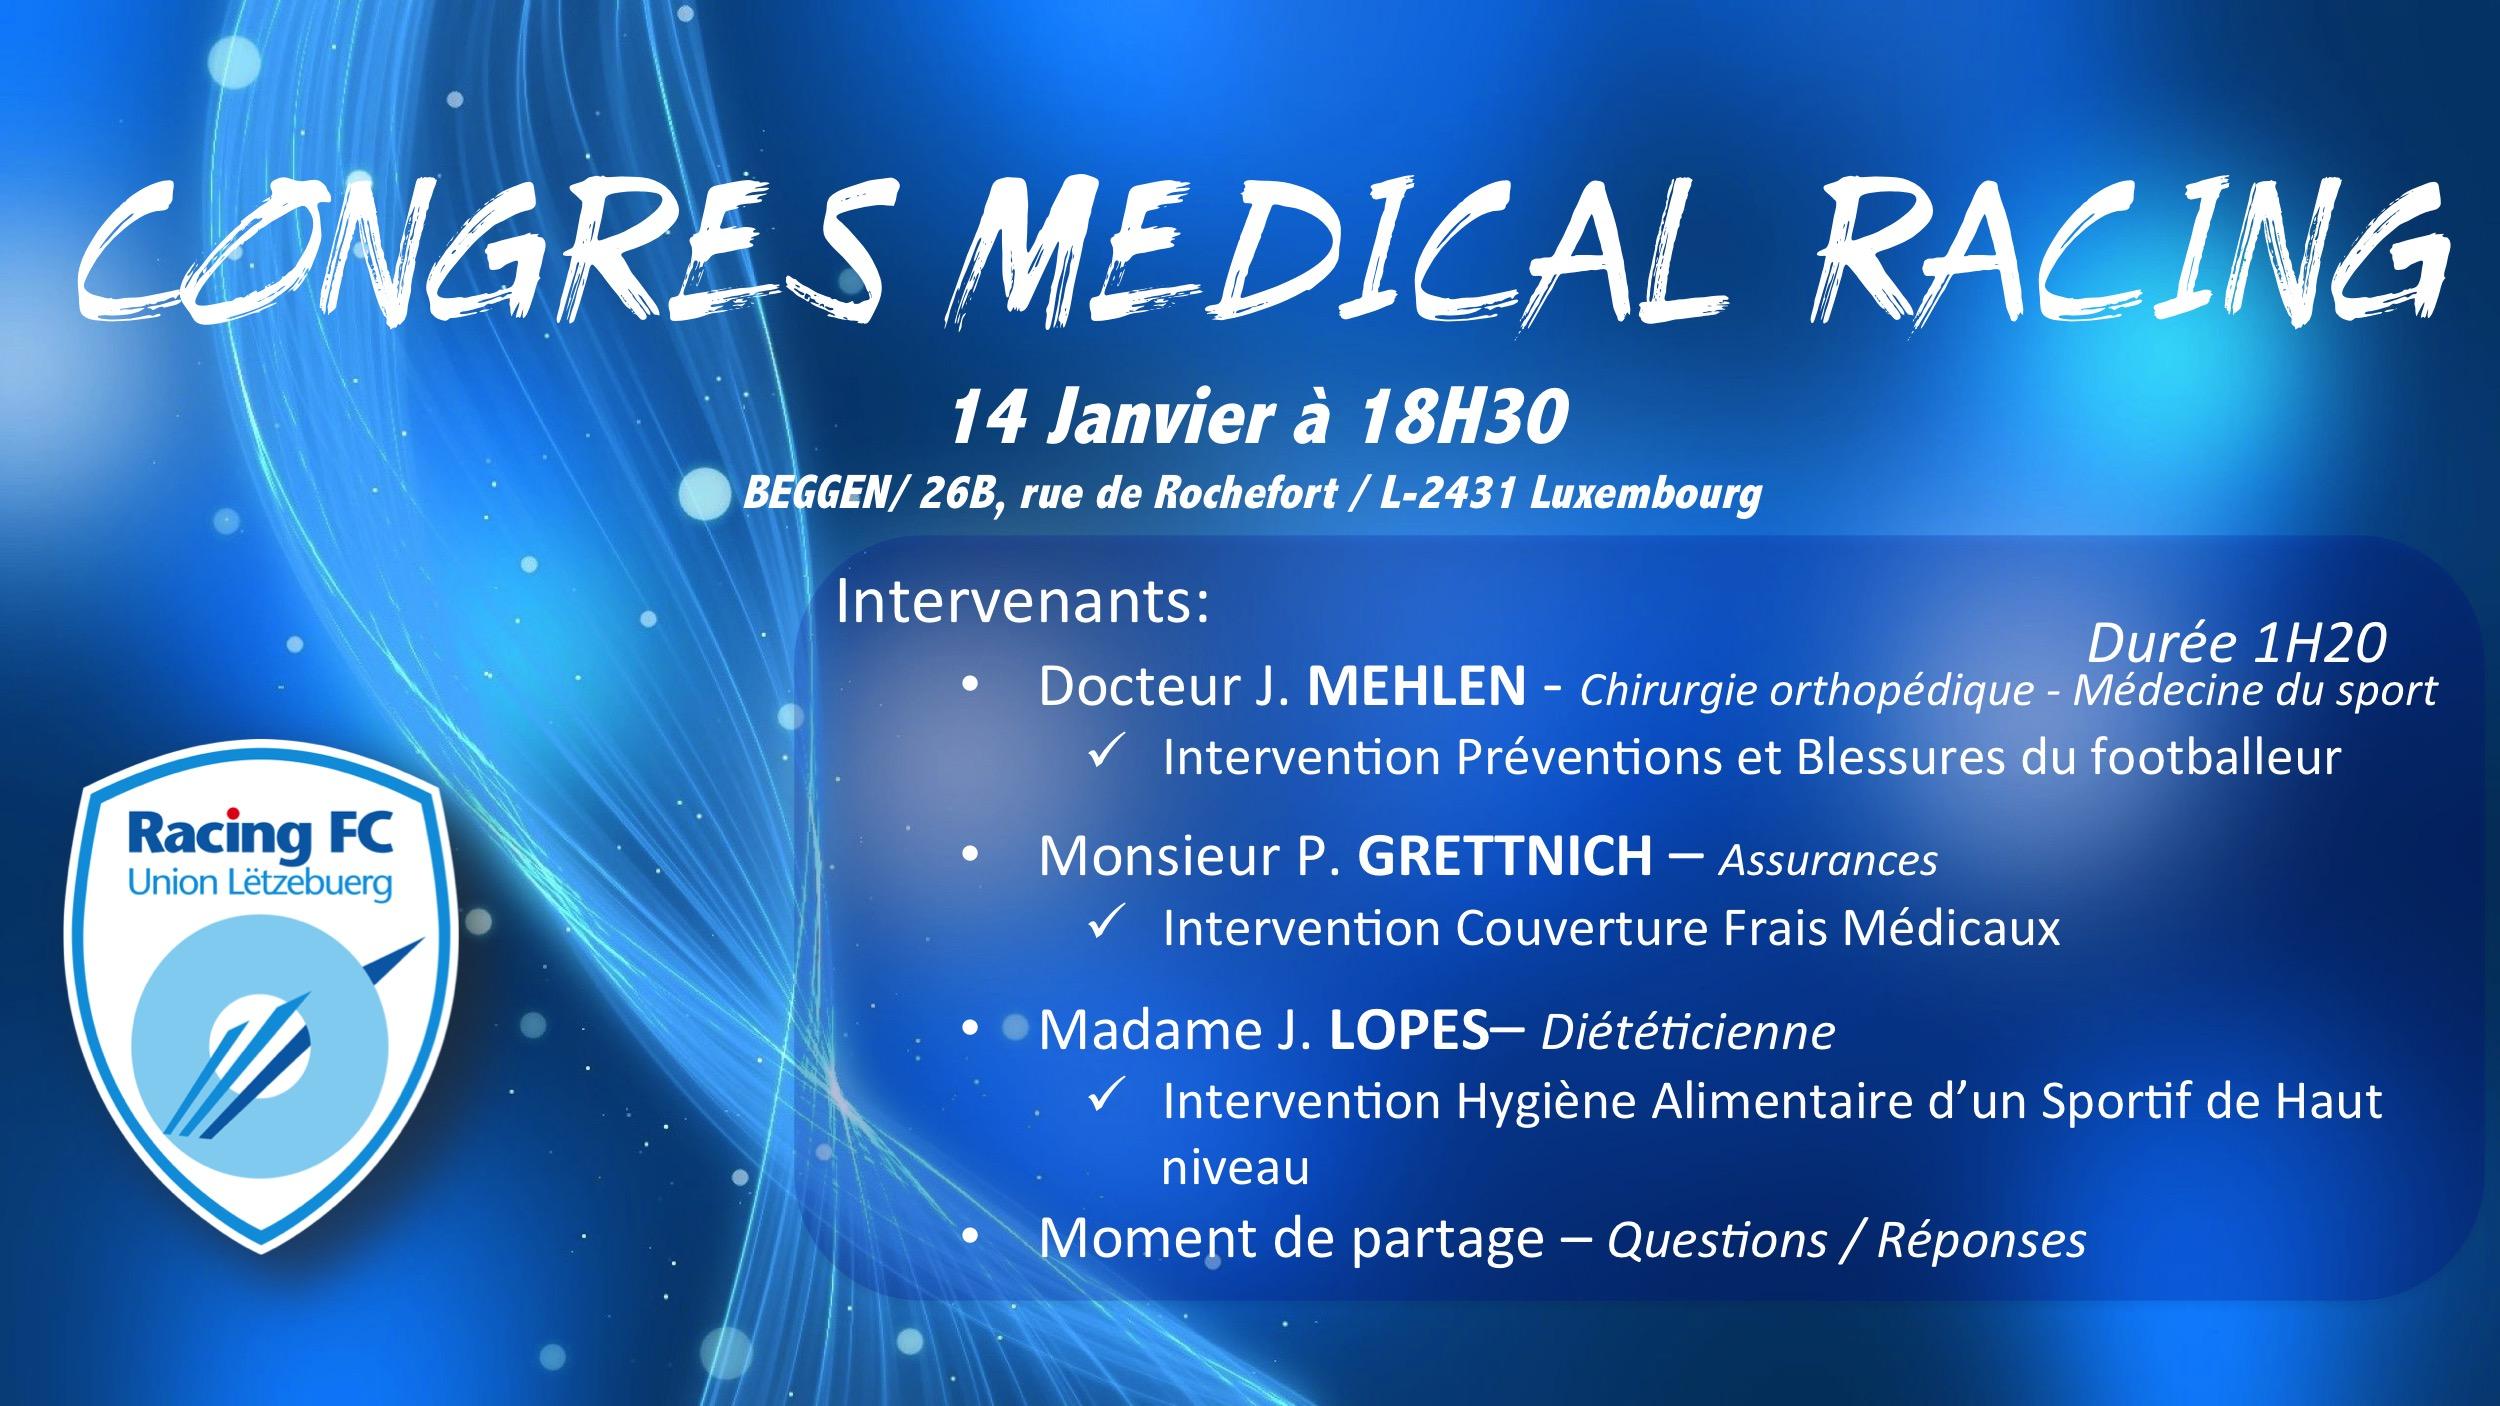 2ème Congrès Médical Racing